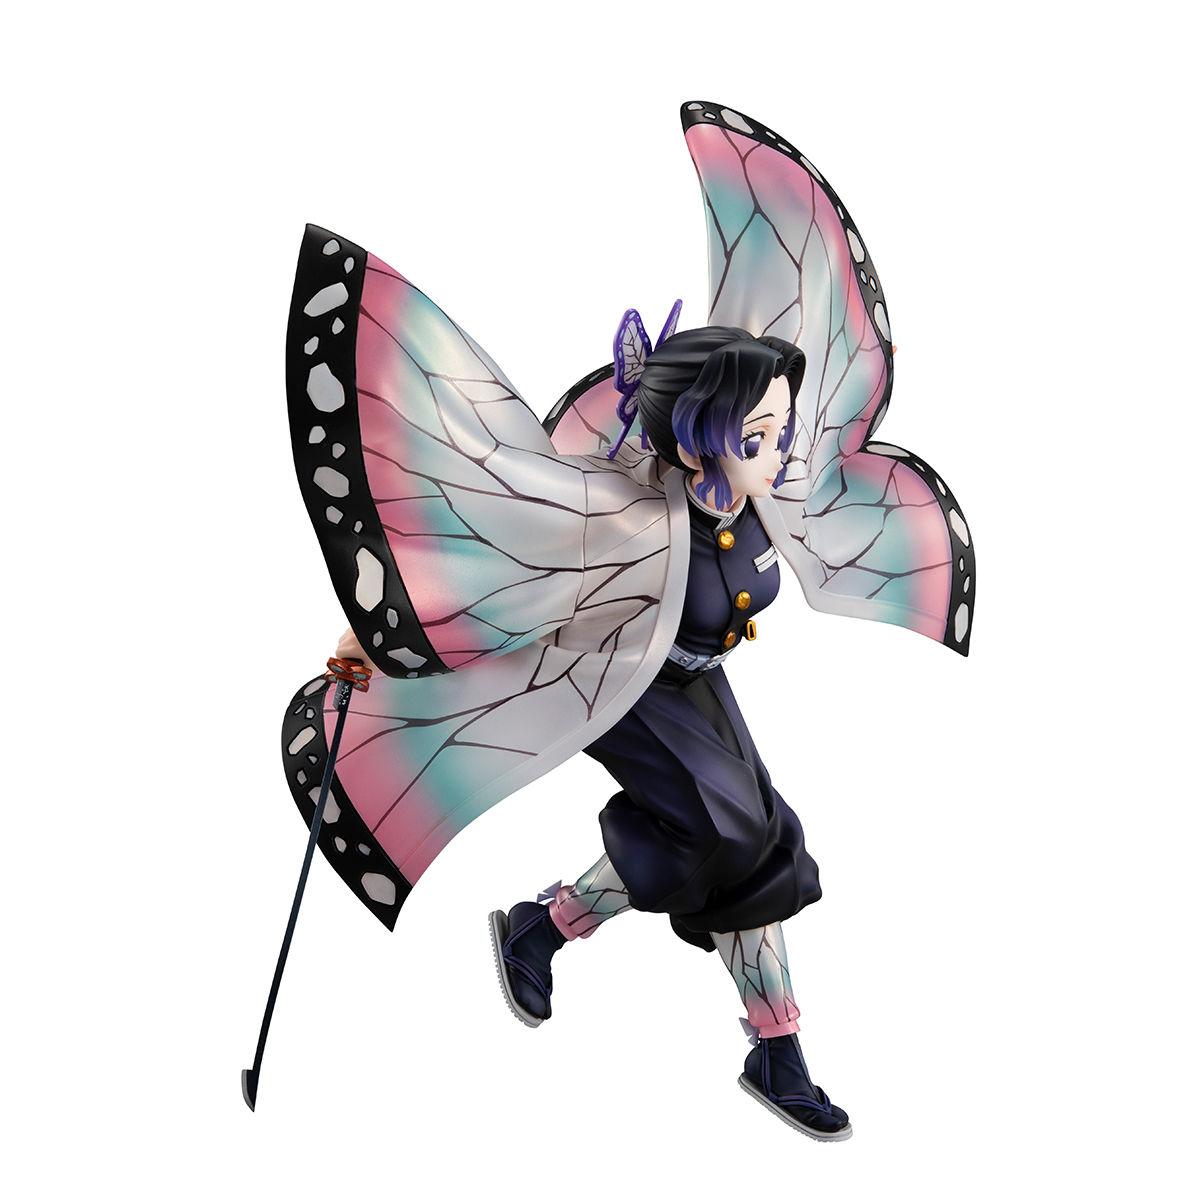 【限定販売】ギャルズシリーズ『胡蝶しのぶ(こちょう しのぶ)』鬼滅の刃 完成品フィギュア-007